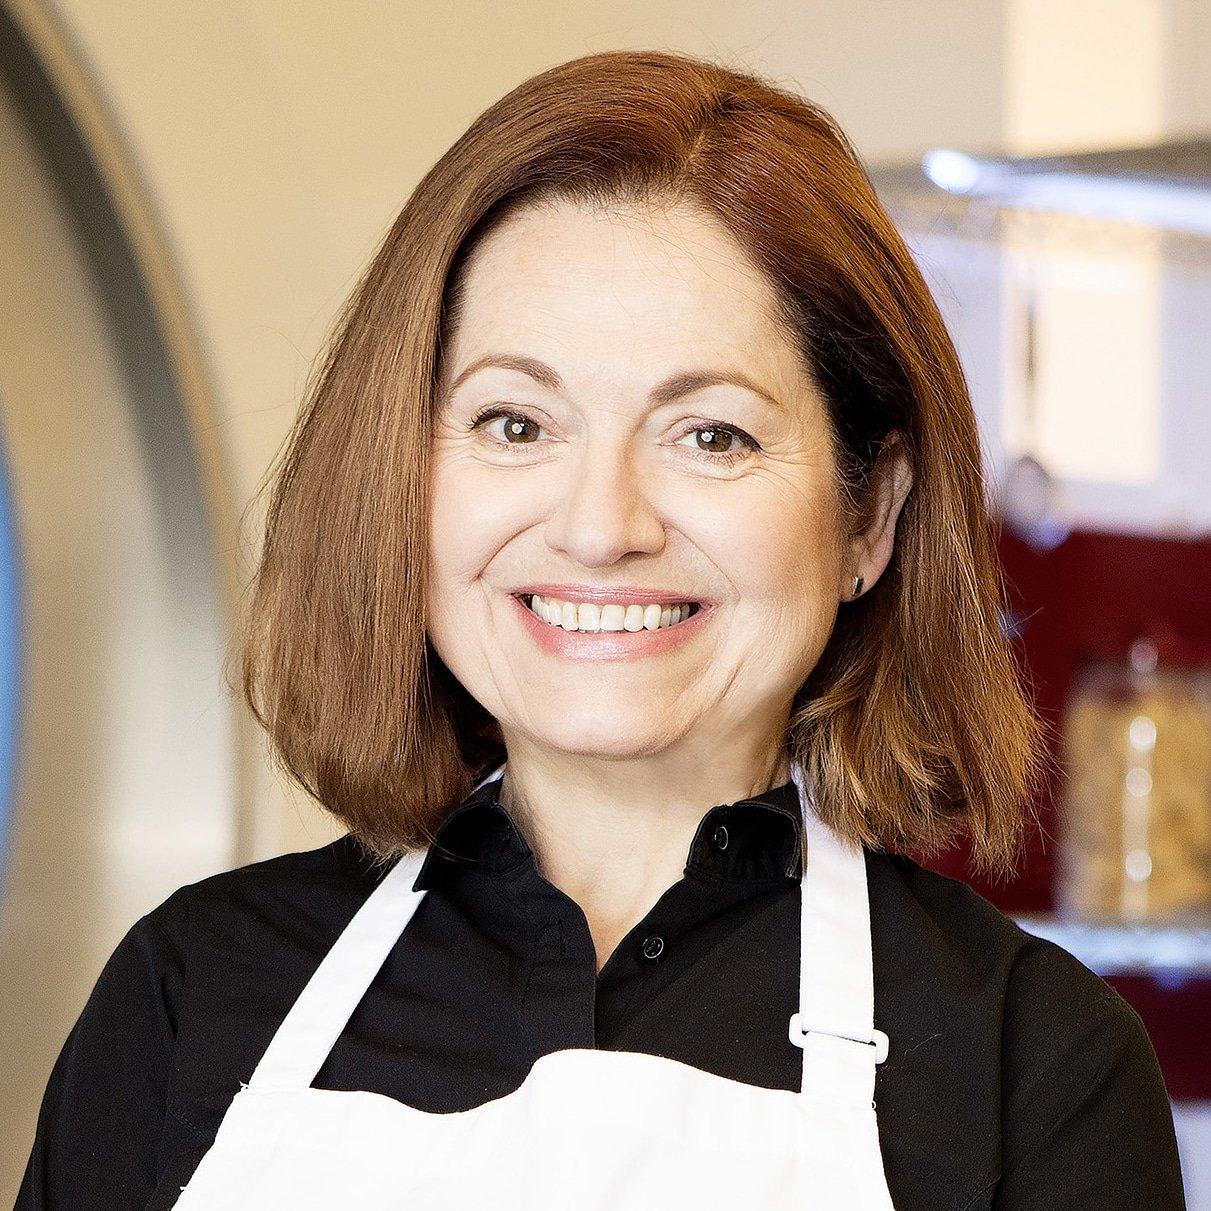 Irini-Tzo-Greek-Chef-Cook-at-Great-British-Speakers